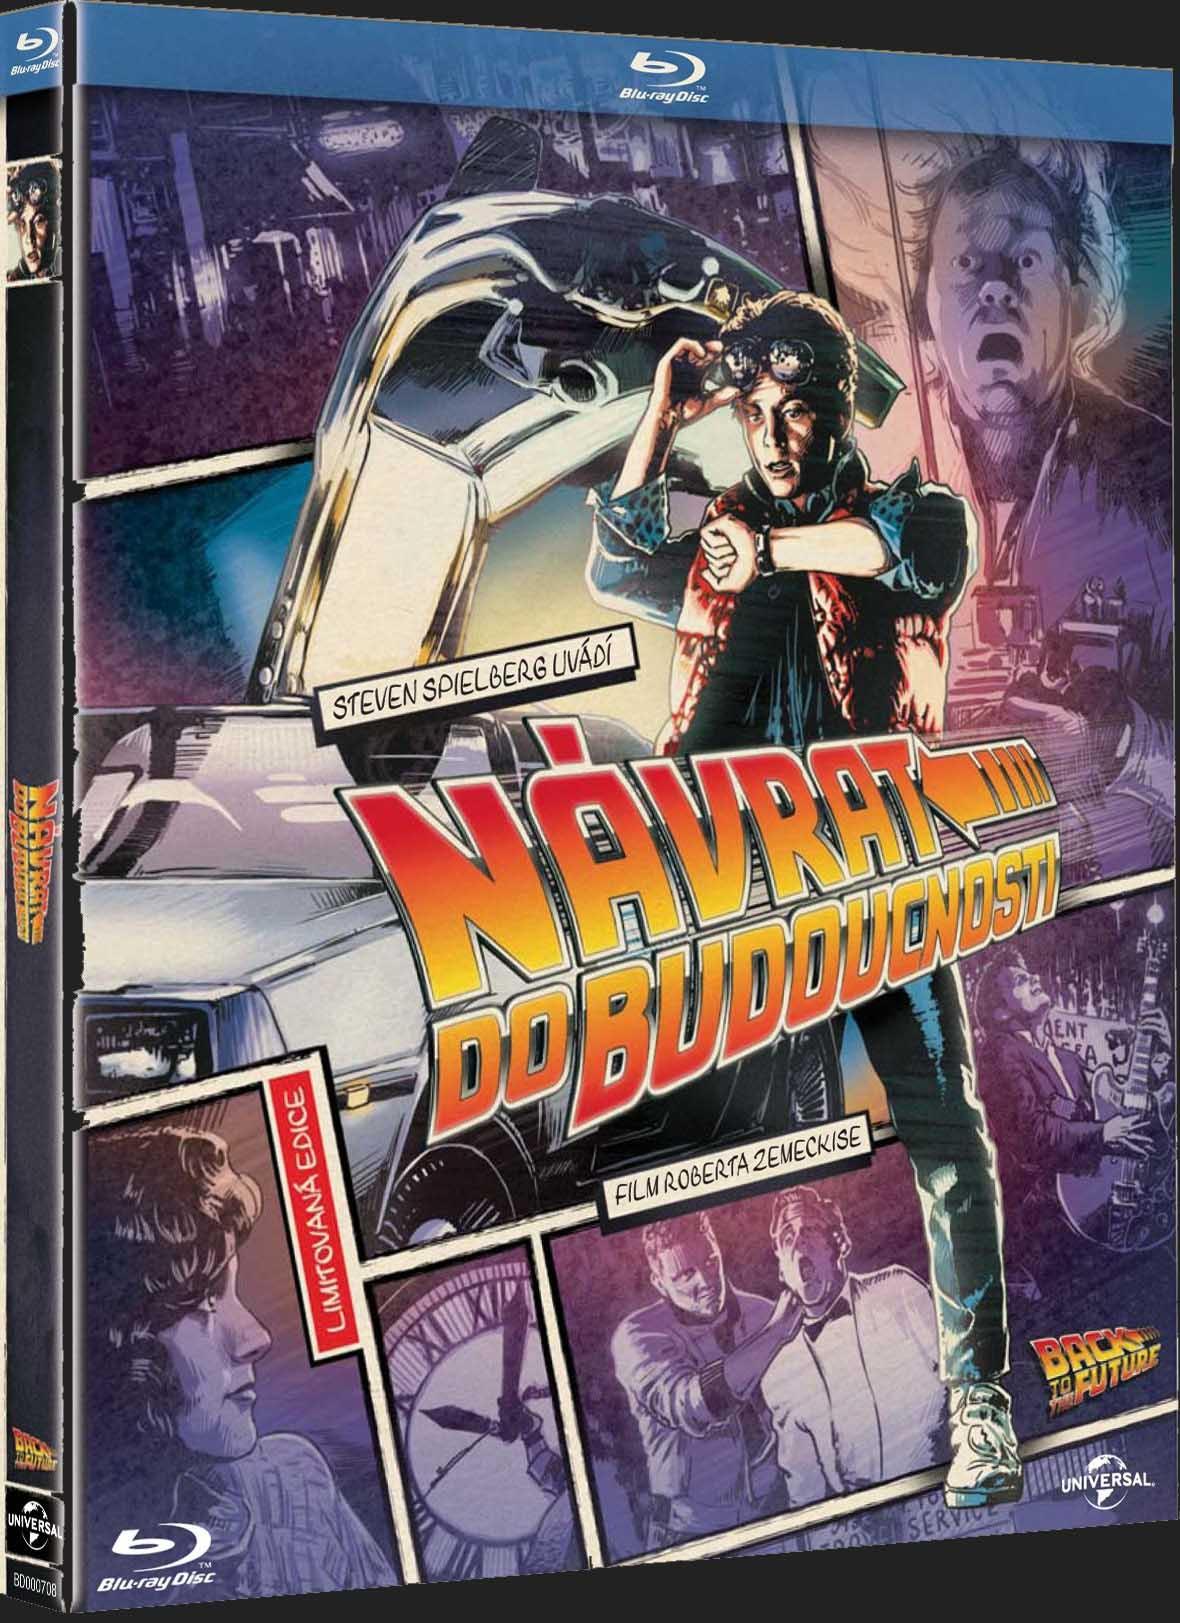 NÁVRAT DO BUDOUCNOSTI (komiksová edice) - Blu-ray